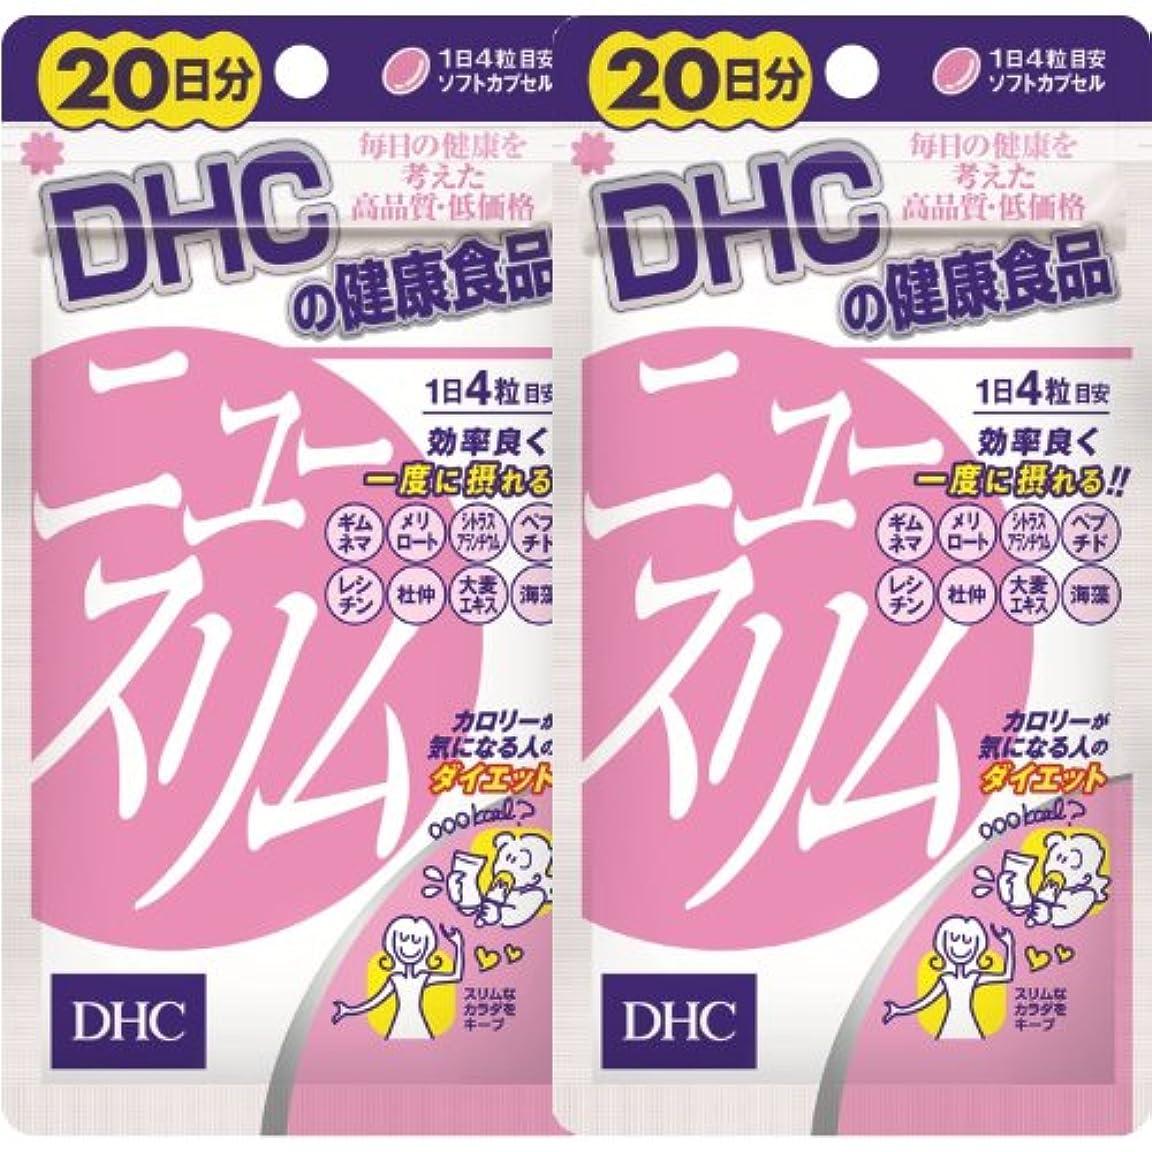 メナジェリー数値歯痛DHCニュースリム 20日分(新) 80粒【2個セット】